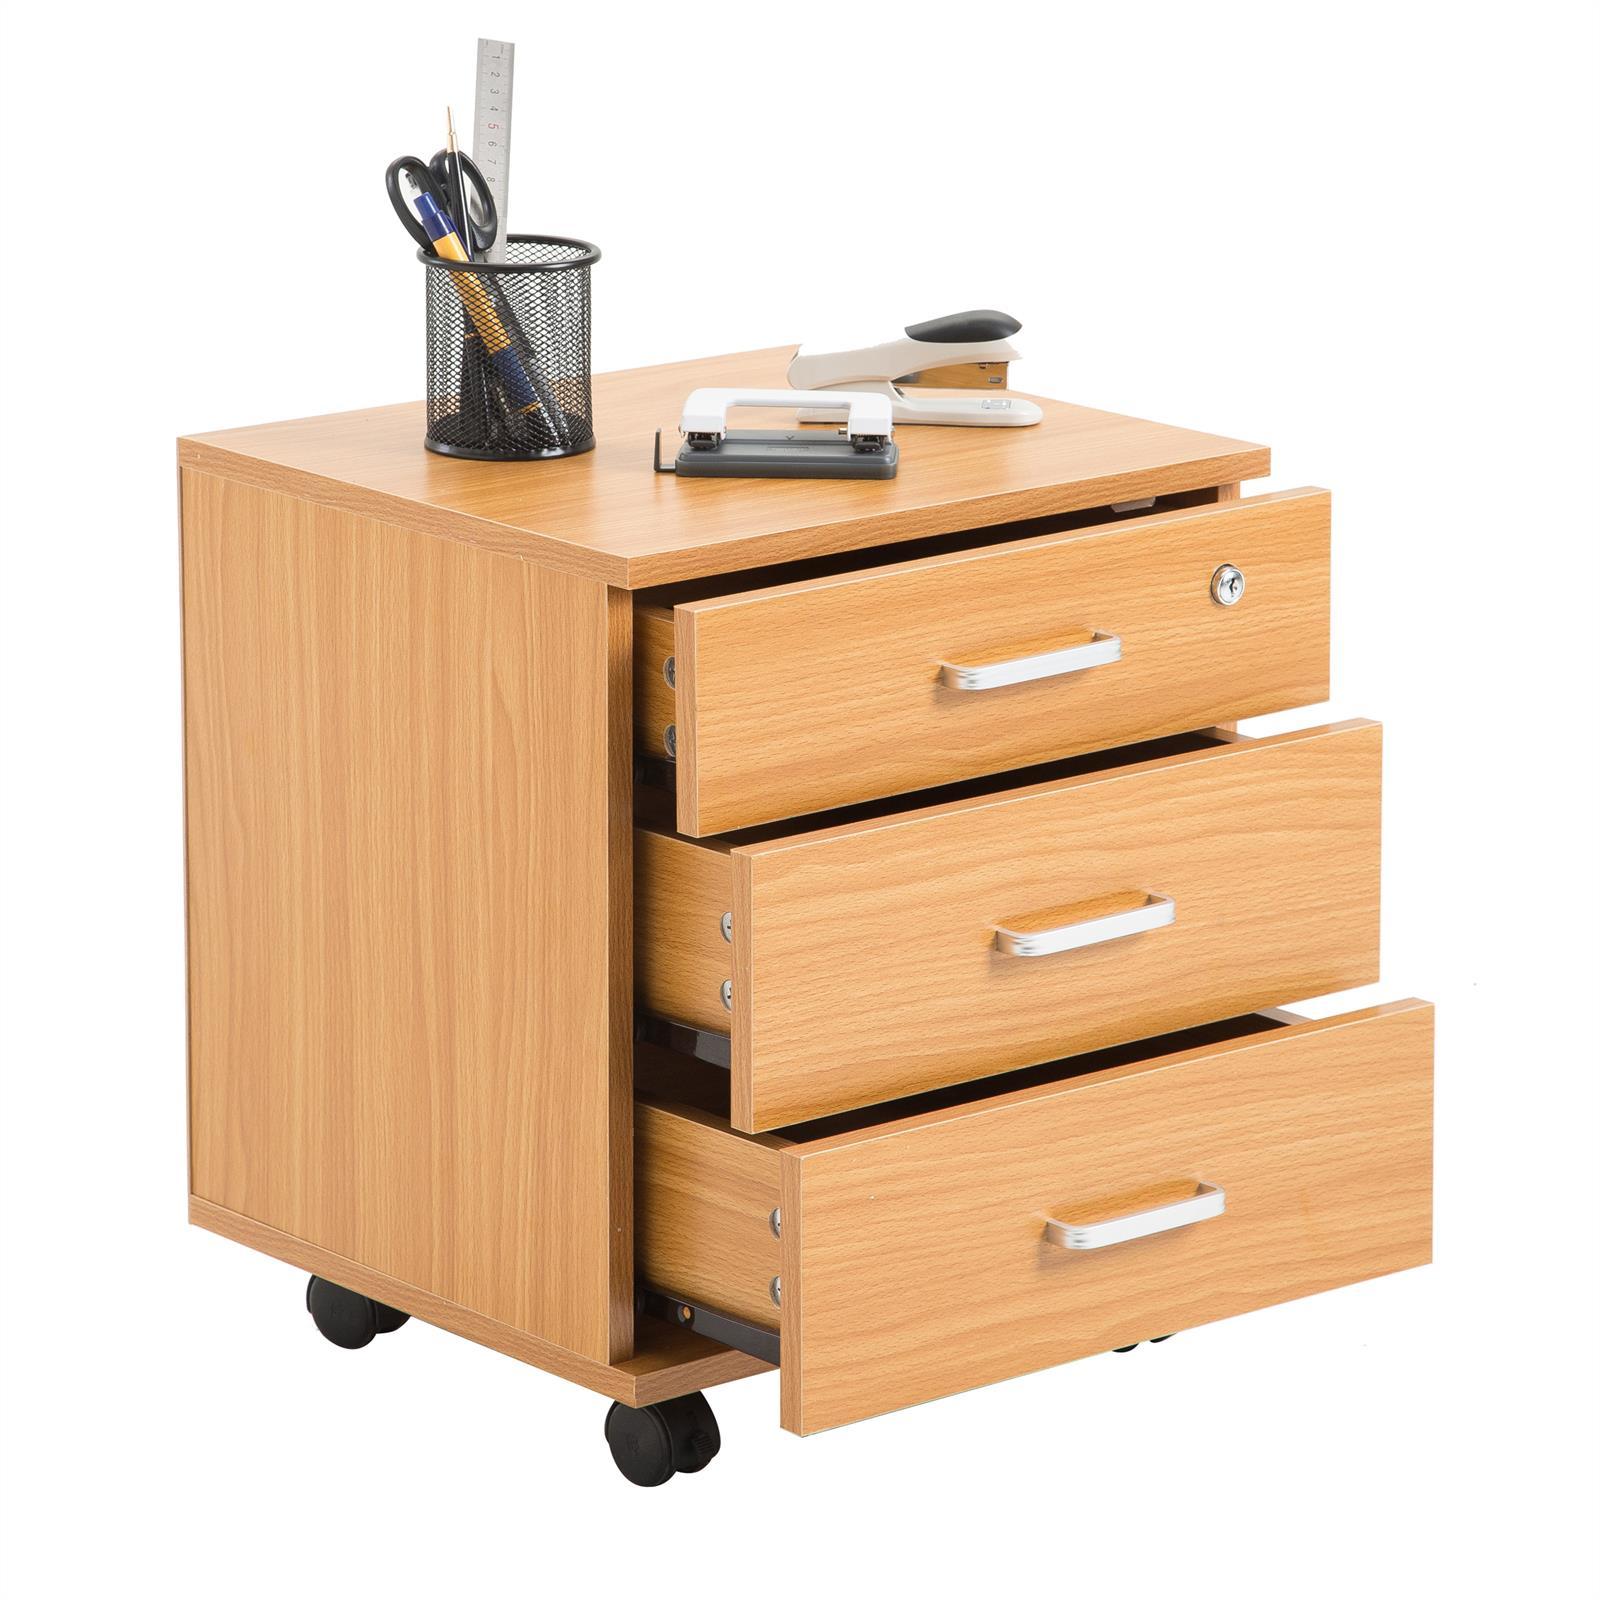 rollcontainer saturn mit 3 schubladen in buchefarben caro m bel. Black Bedroom Furniture Sets. Home Design Ideas